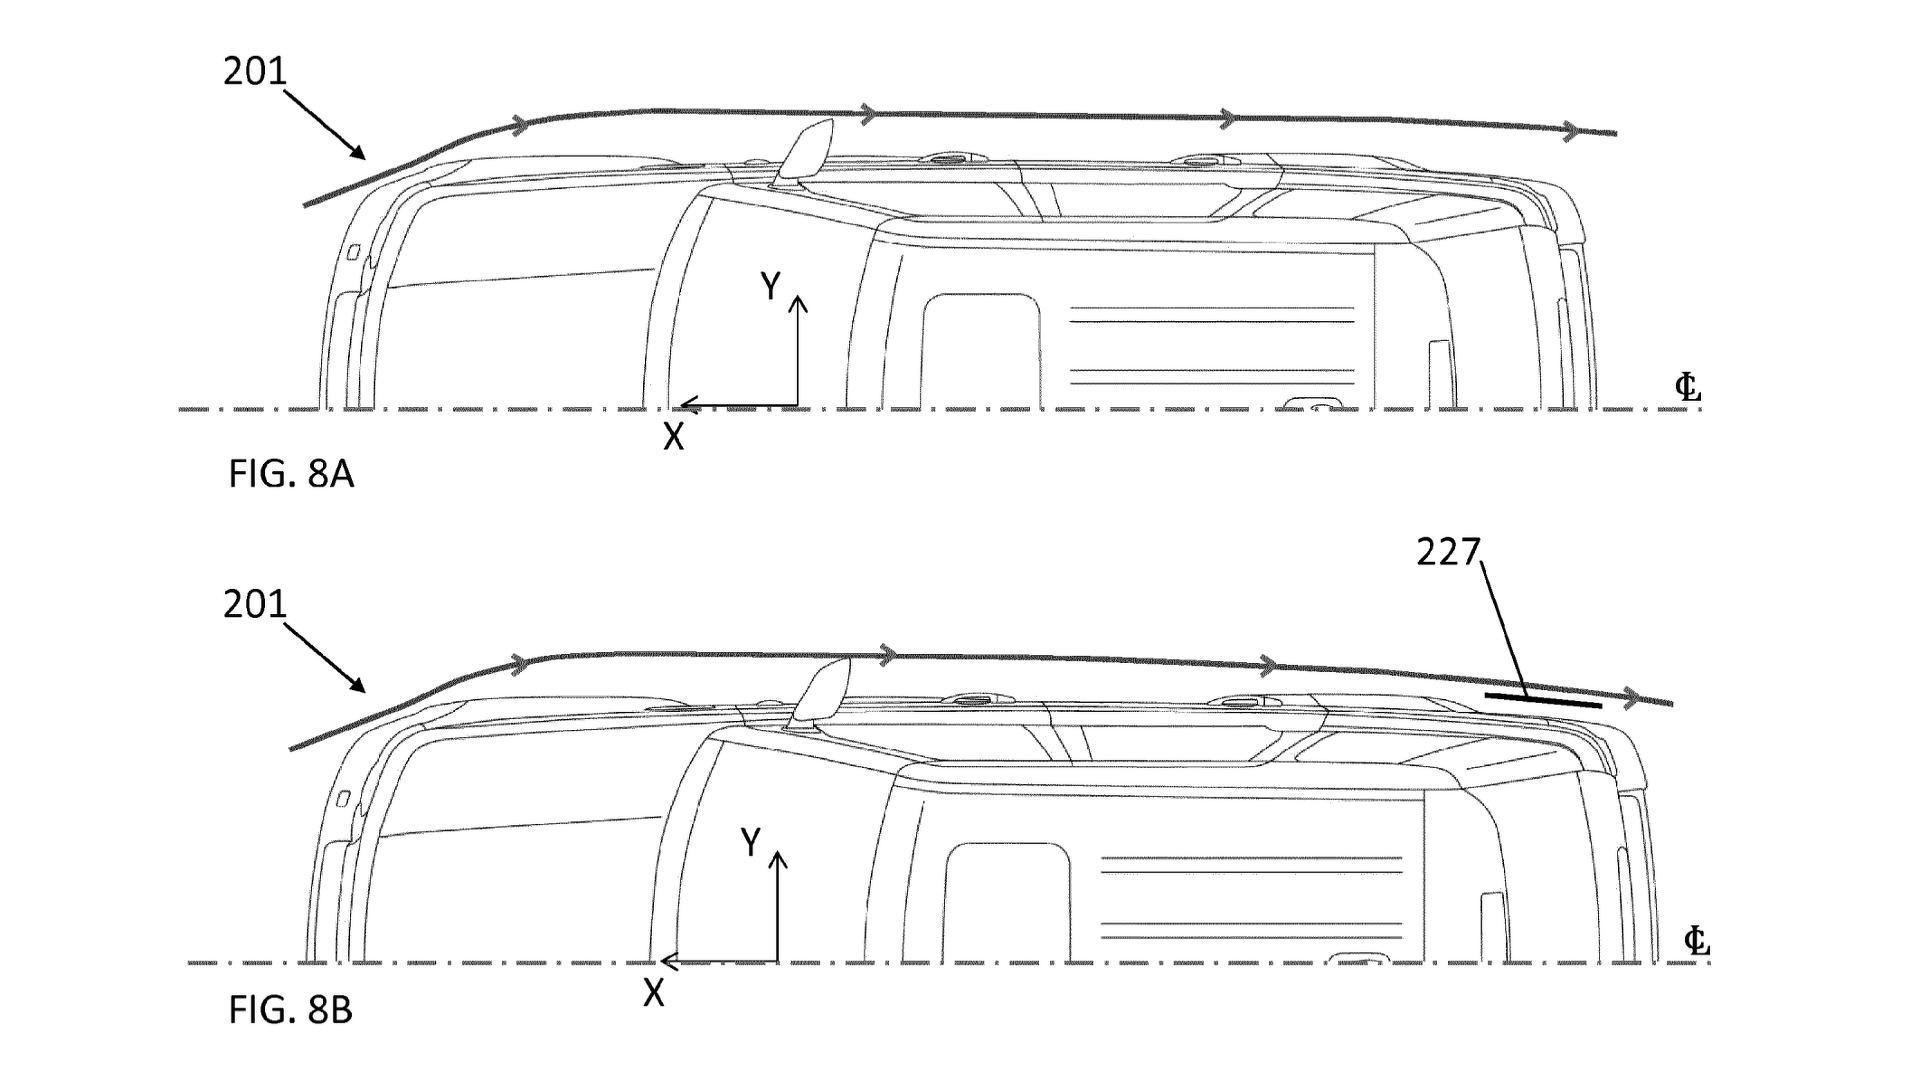 jaguar-land-rover-aero-patent (13)